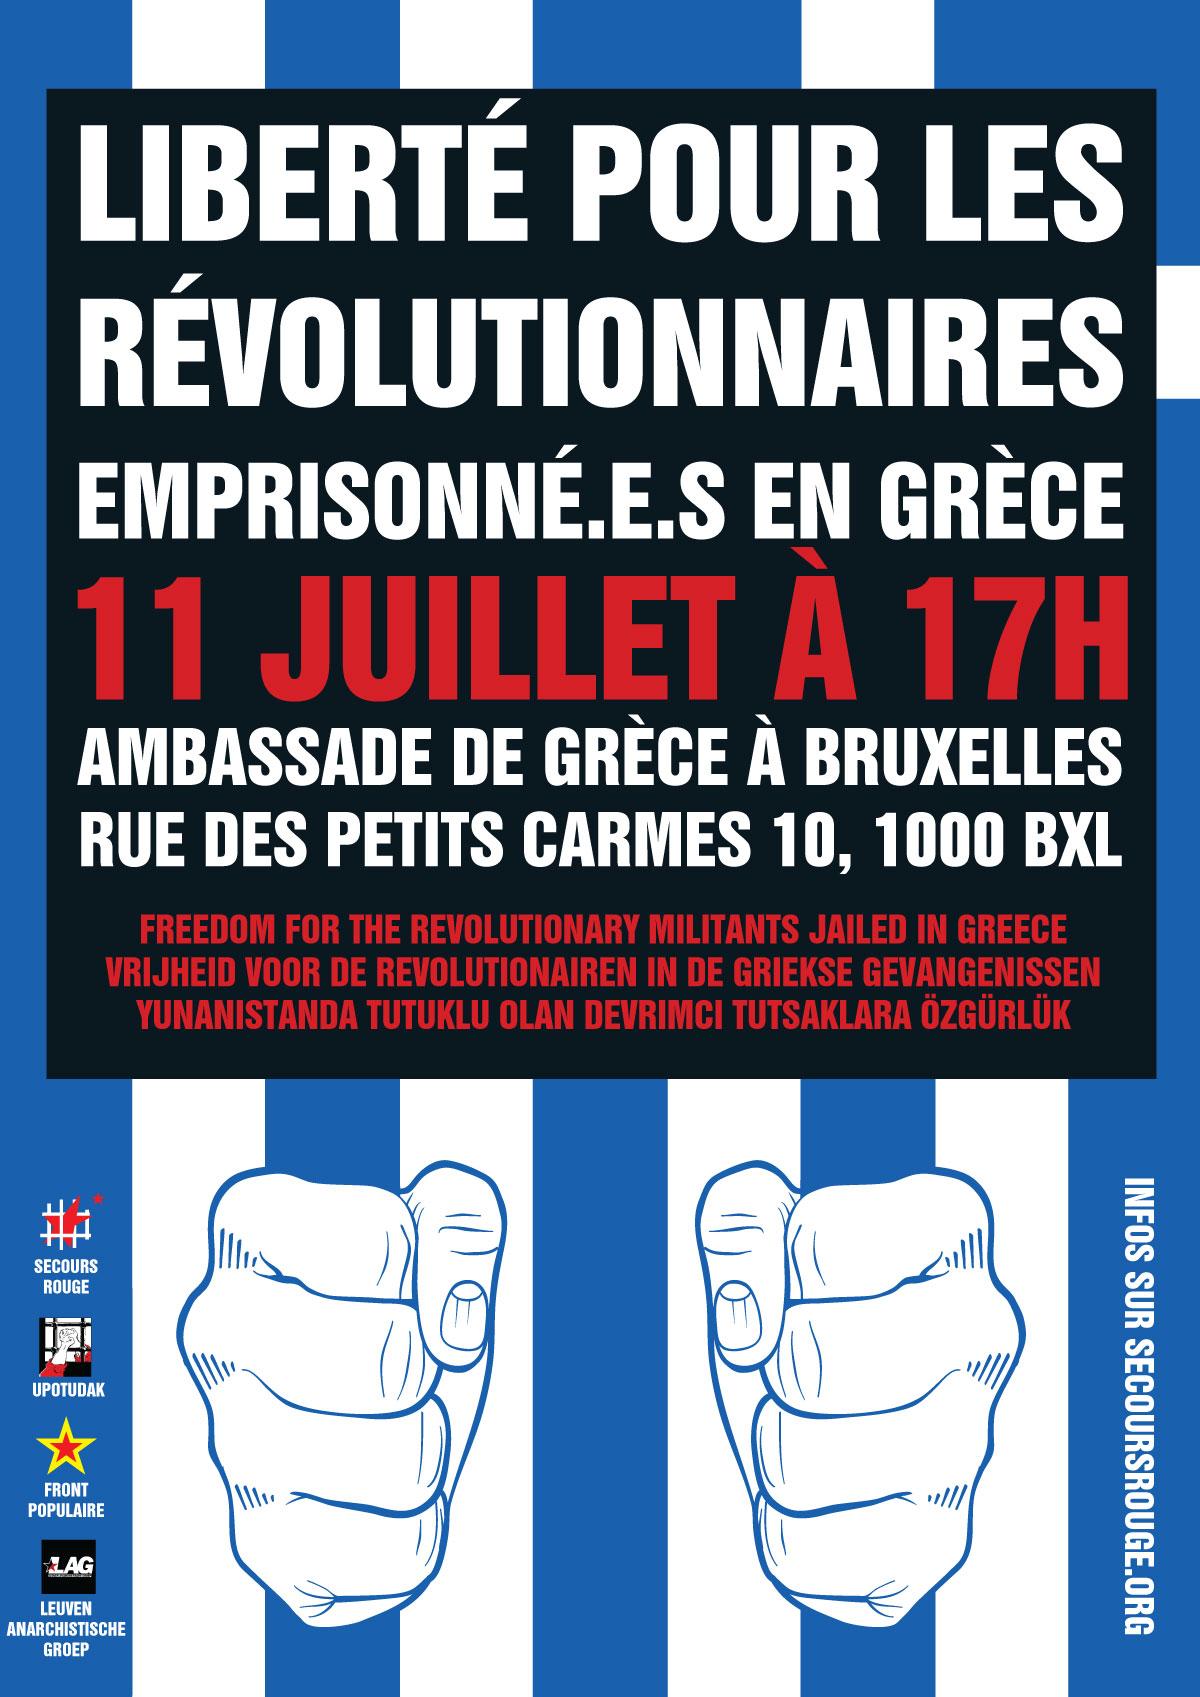 Liberté pour les révolutionnaires emprisonné.e.s en Grèce!